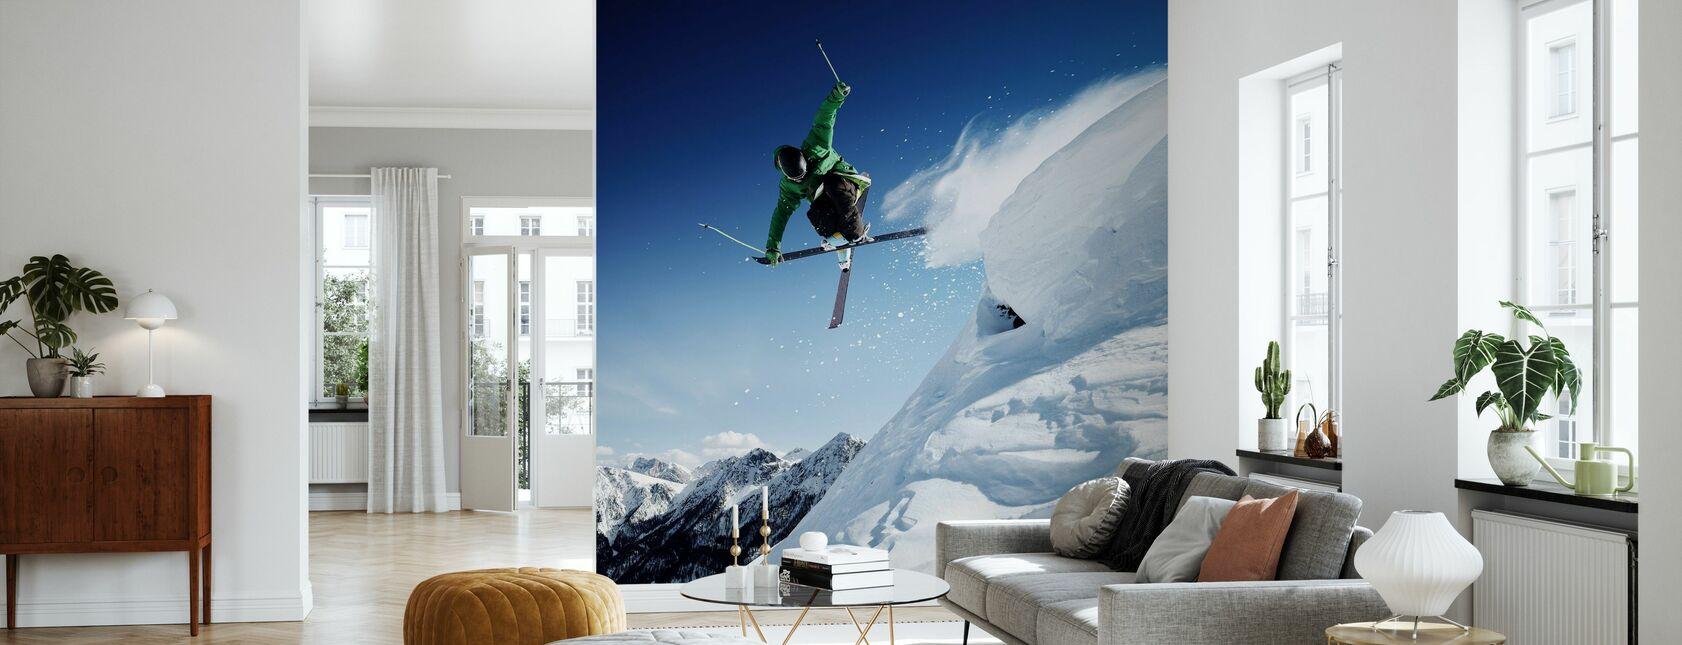 Jumping Skier - Wallpaper - Living Room